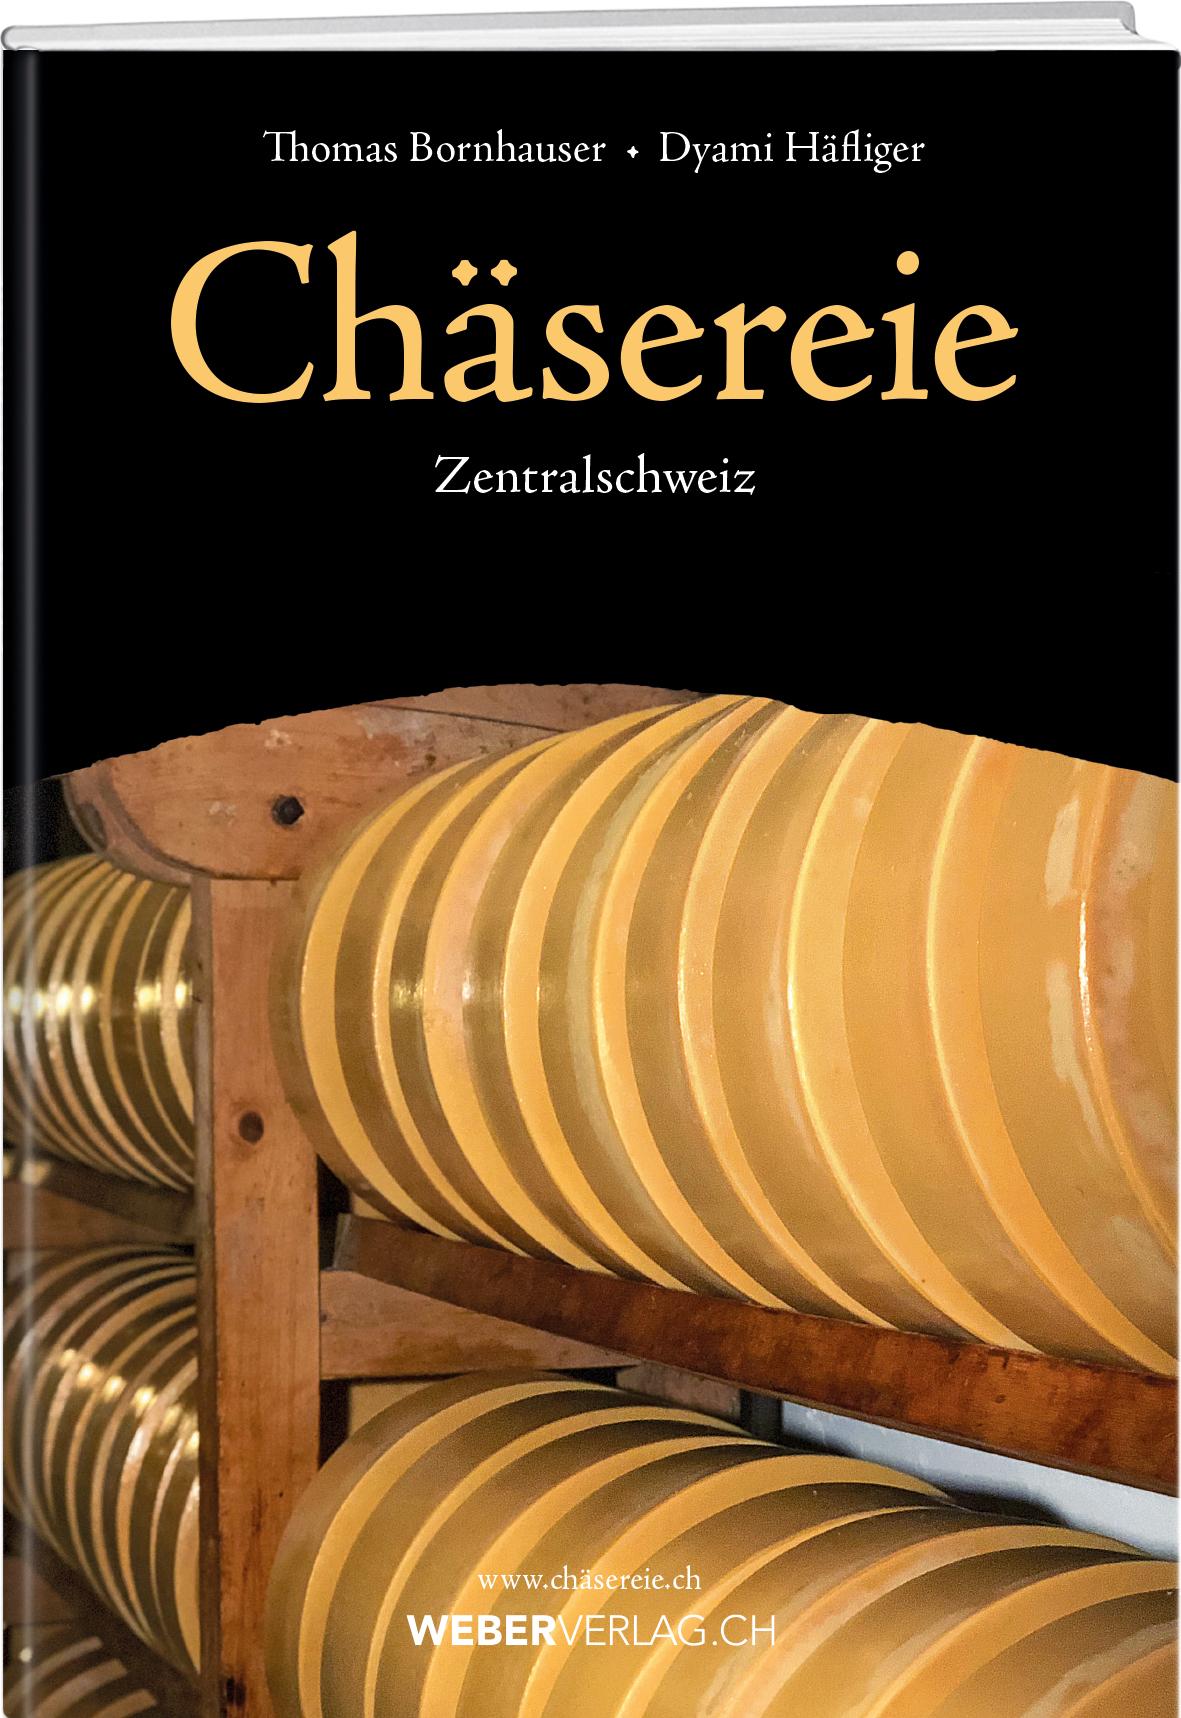 """Zum 100-Jahr-Jubiläum der Zentralschweizer Käsermeister erscheint das Buch """"Chäsereie – Zentralschweiz"""". Autoren: Thomas Bornhauser, Dyami Häfliger, 1. Auflage 2018, 280 Seiten, 14,8 x 21 cm, gebunden, Softcover. Mit 411 Abbildungen. ISBN 978-3-03818-152-1, CHF 39.– / EUR 30.– (Bildquelle: Werd & Weber Verlag, Thun)"""